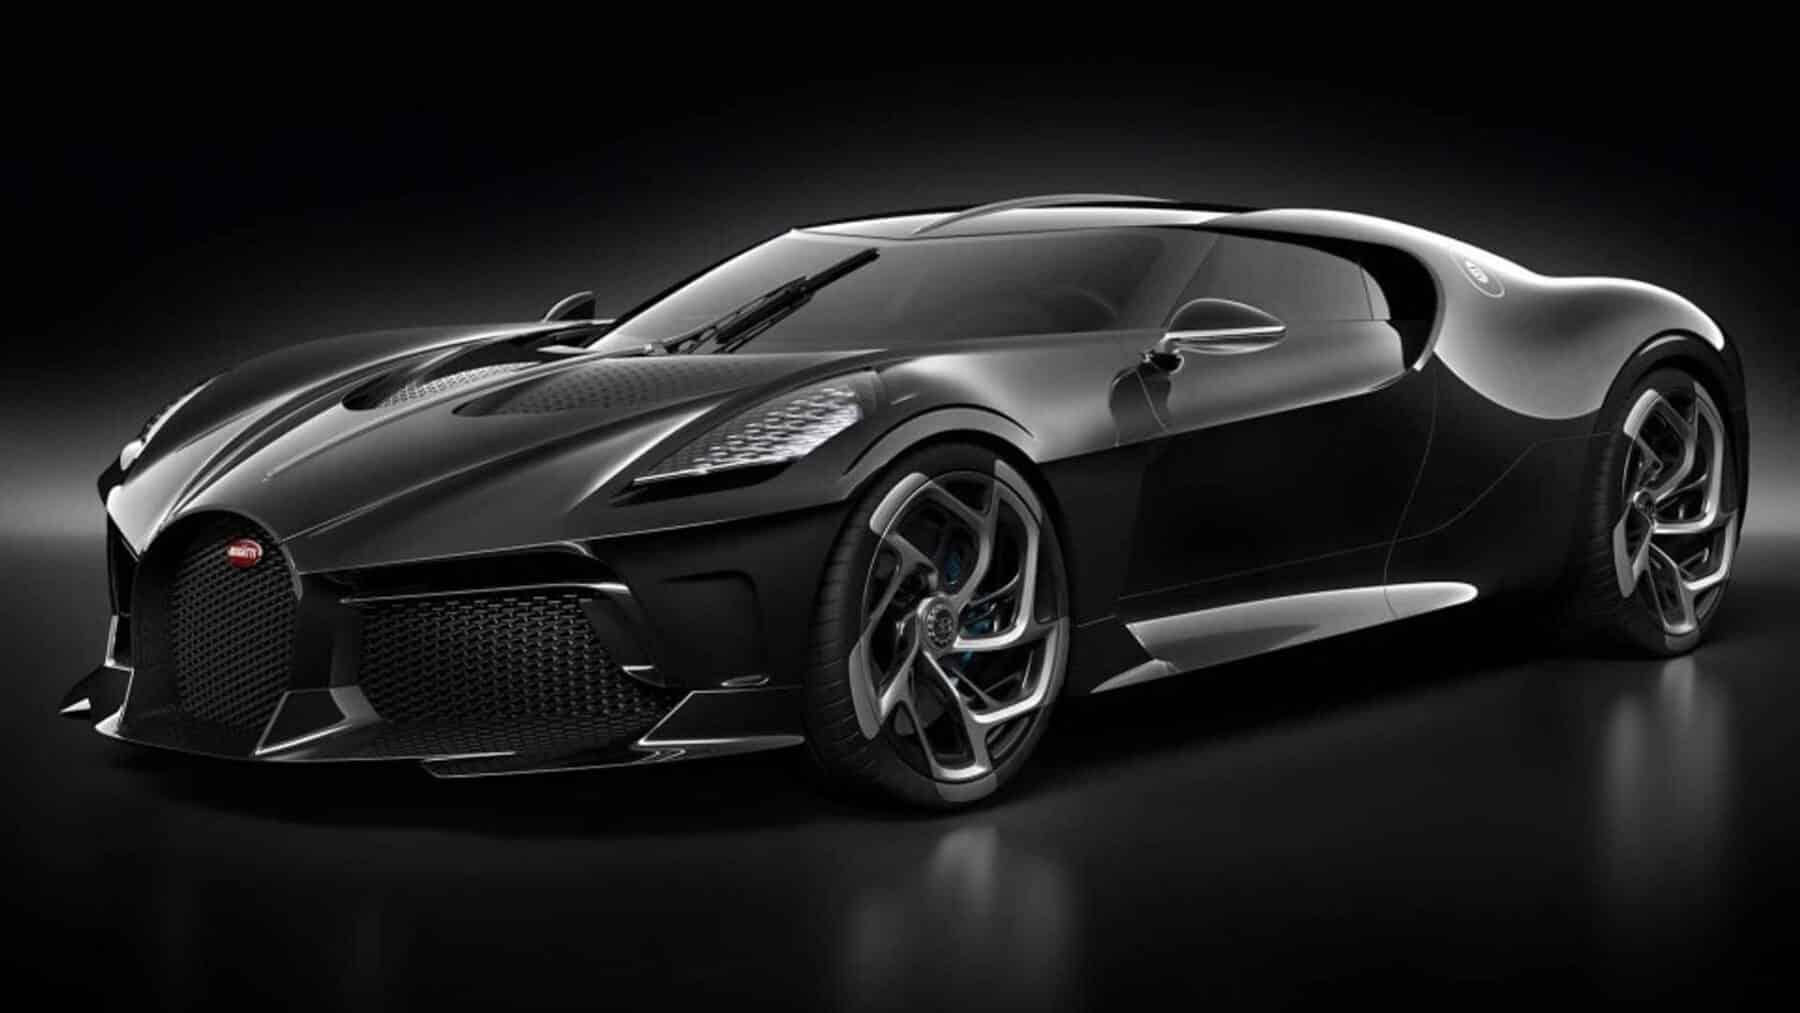 El Bugatti La Voiture Noire era el anterior coche más caro del mundo